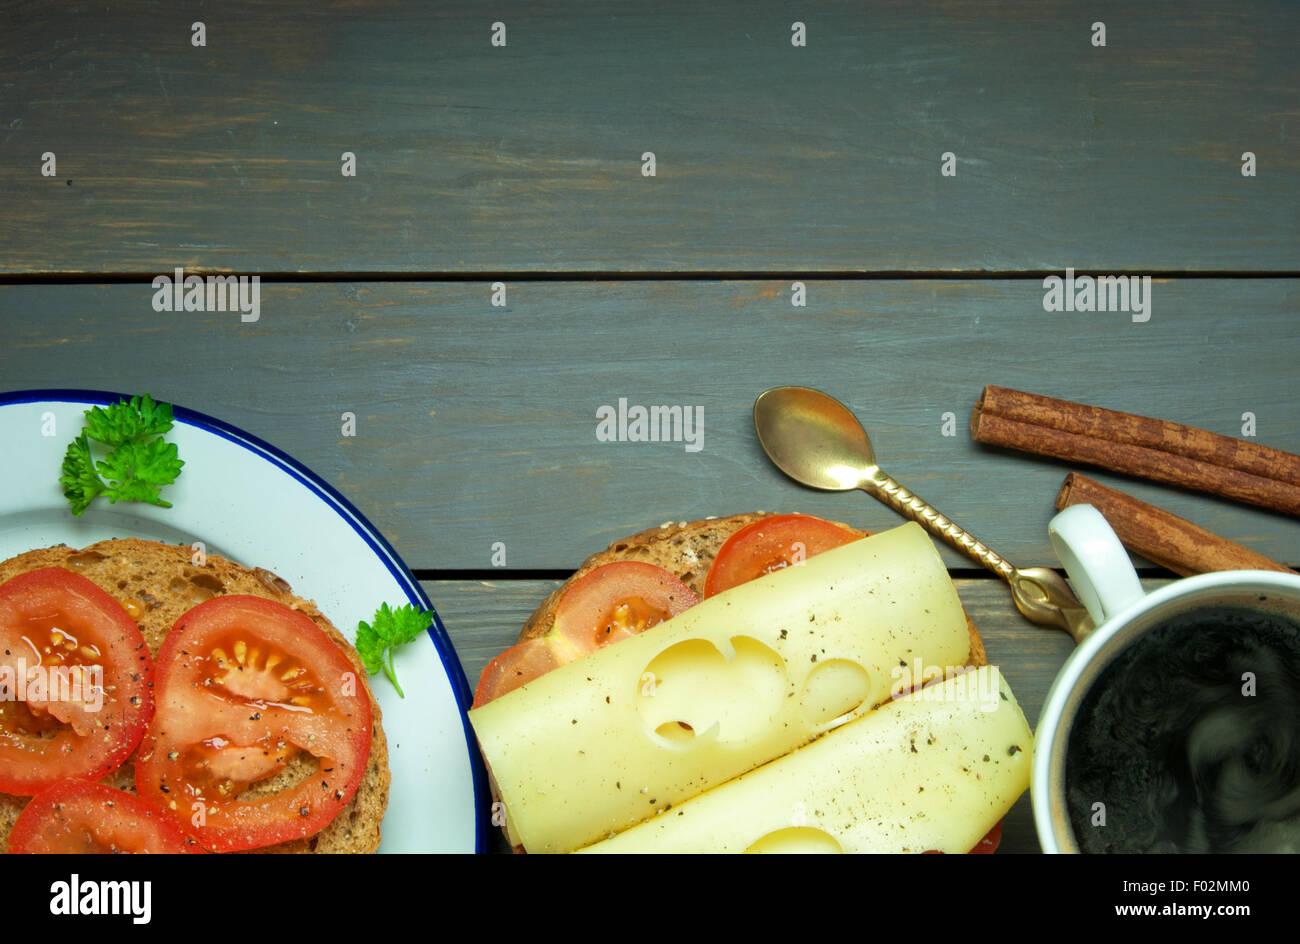 Formaggio e sandwich di pomodoro con una tazza di caffè sulla parte superiore di una tavola di legno con spazio Immagini Stock